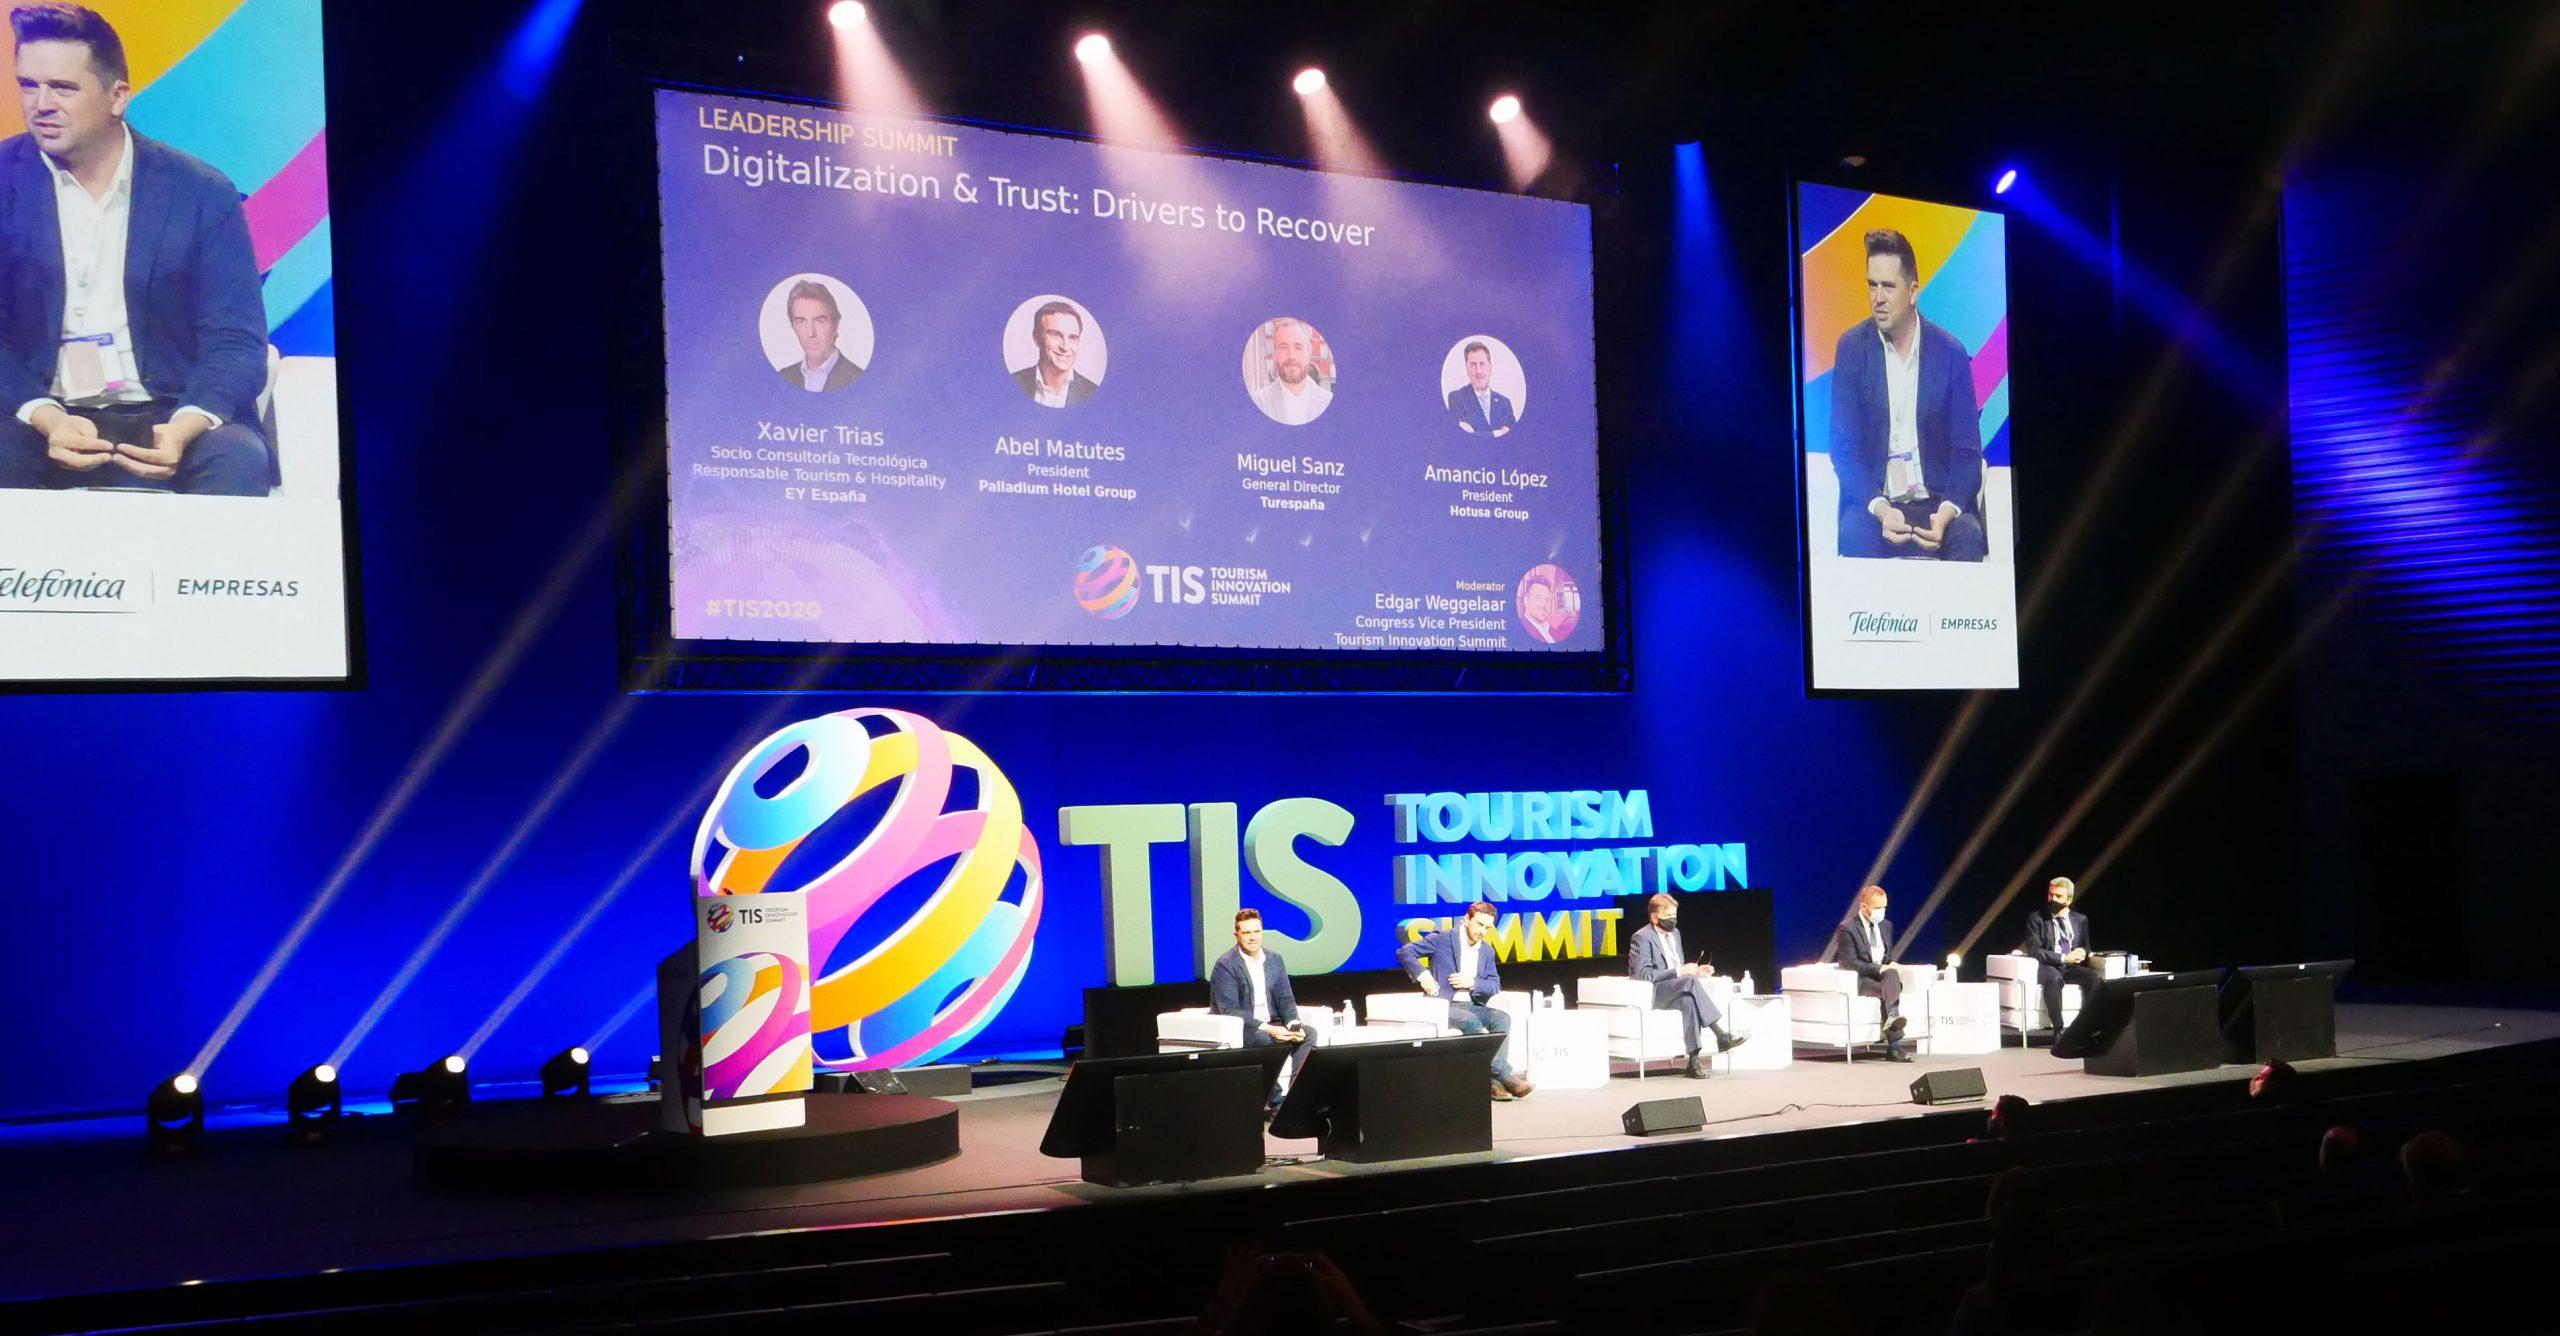 Los CIOs de Radisson, RIU Hotels, NH Hotel Group y Telefónica desgranan sus estrategias digitales en TIS2020